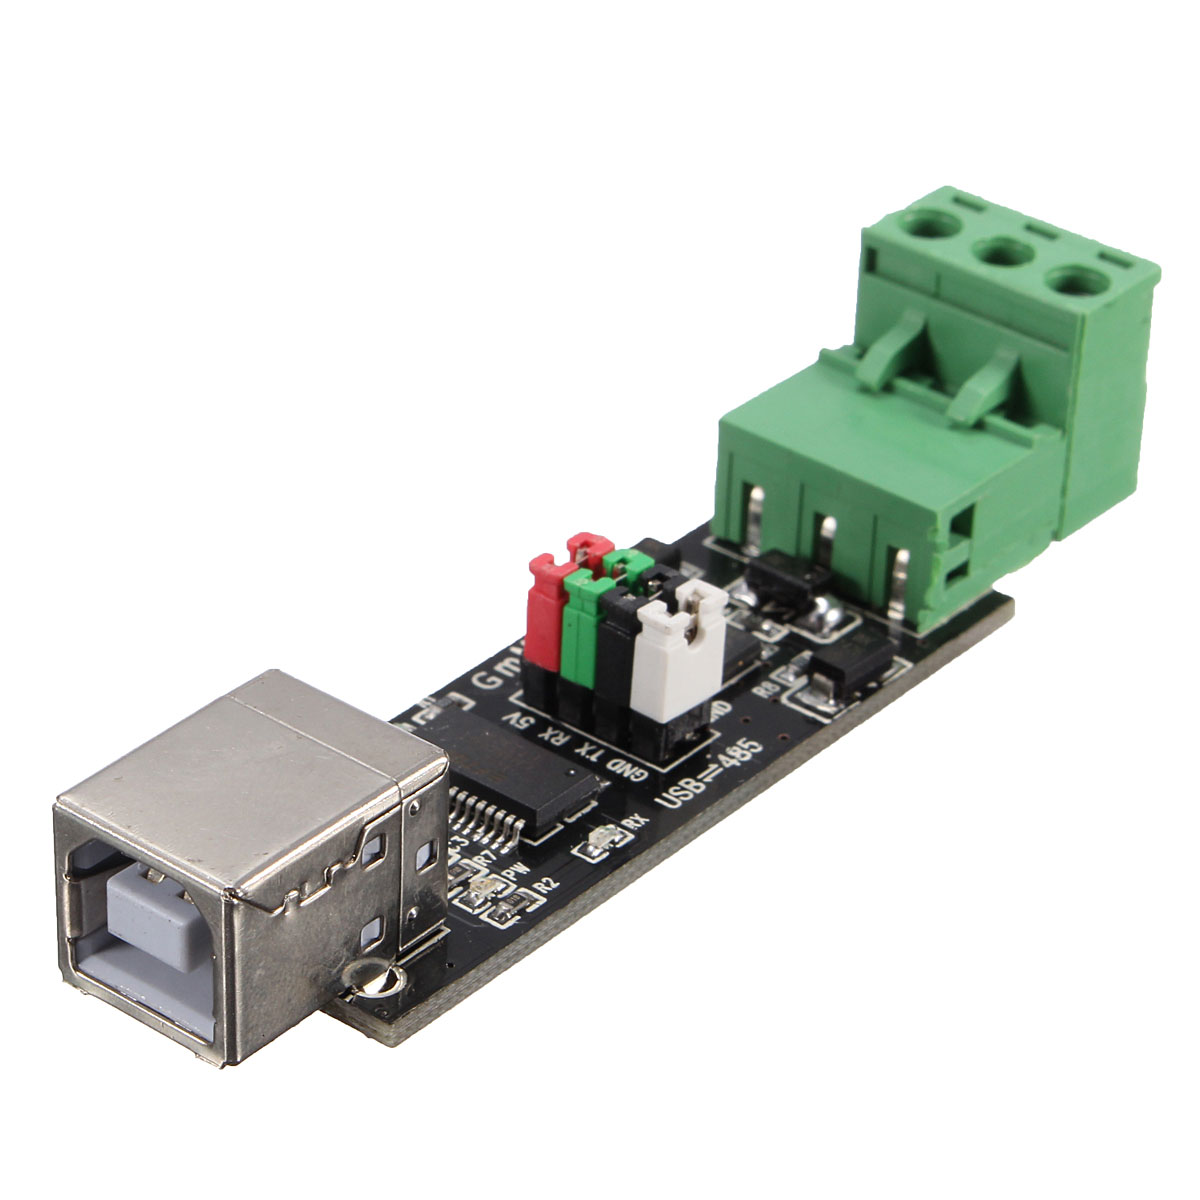 FT232RL FTDI USB zu TTL Converter Adapter Modul 5V 3.3V Für Arduino Blue